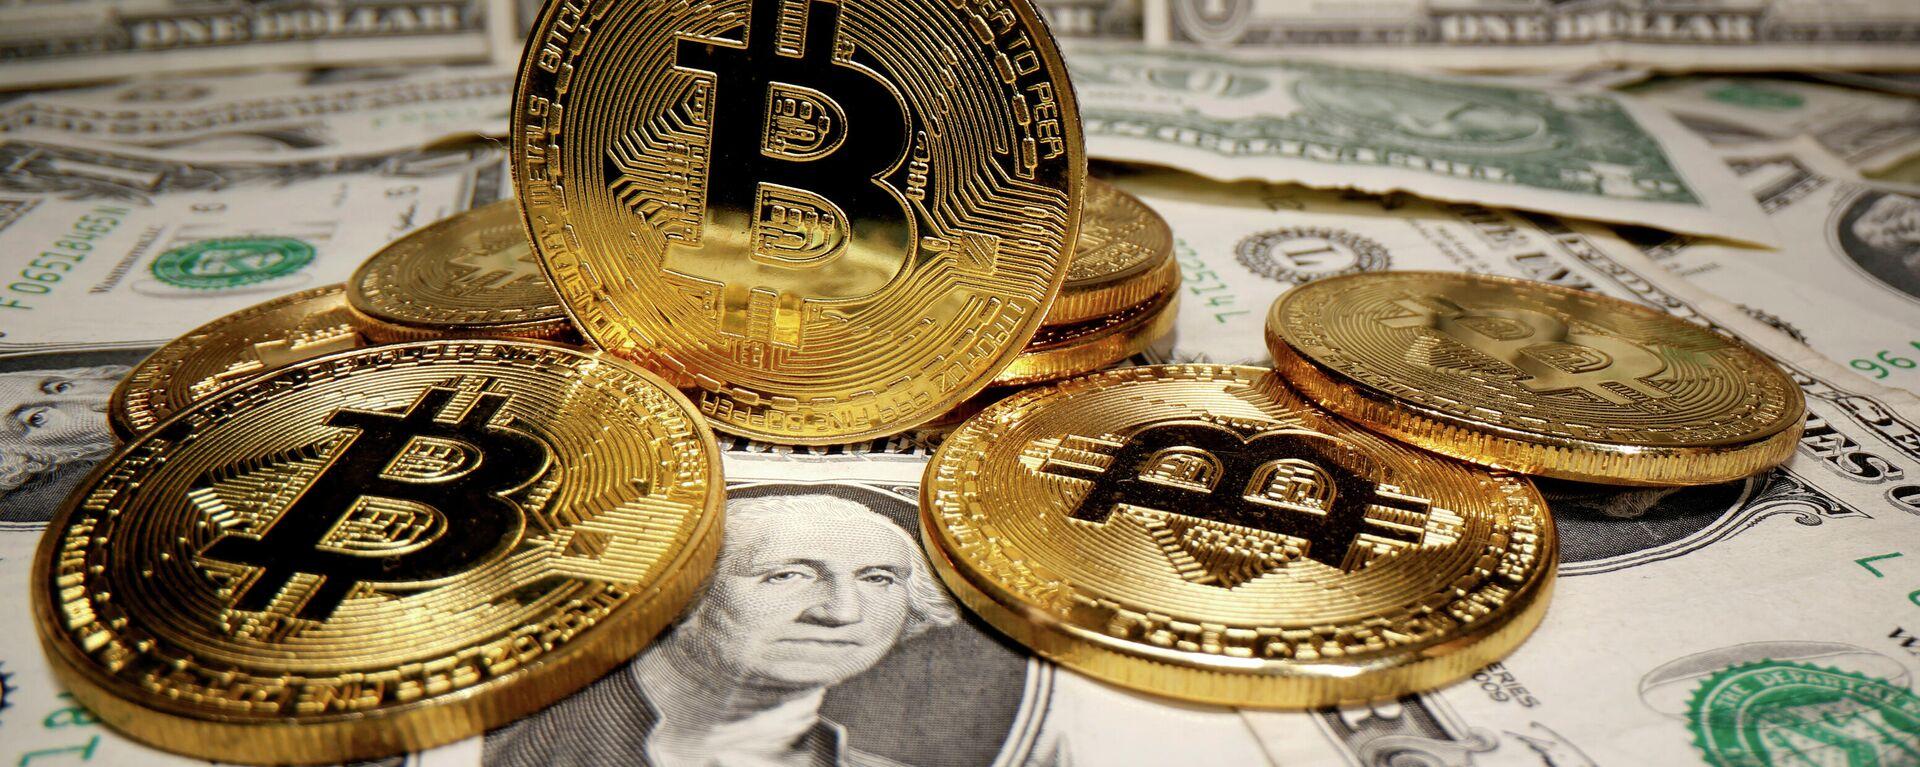 Bitcoin (Symbolbild) - SNA, 1920, 22.02.2021